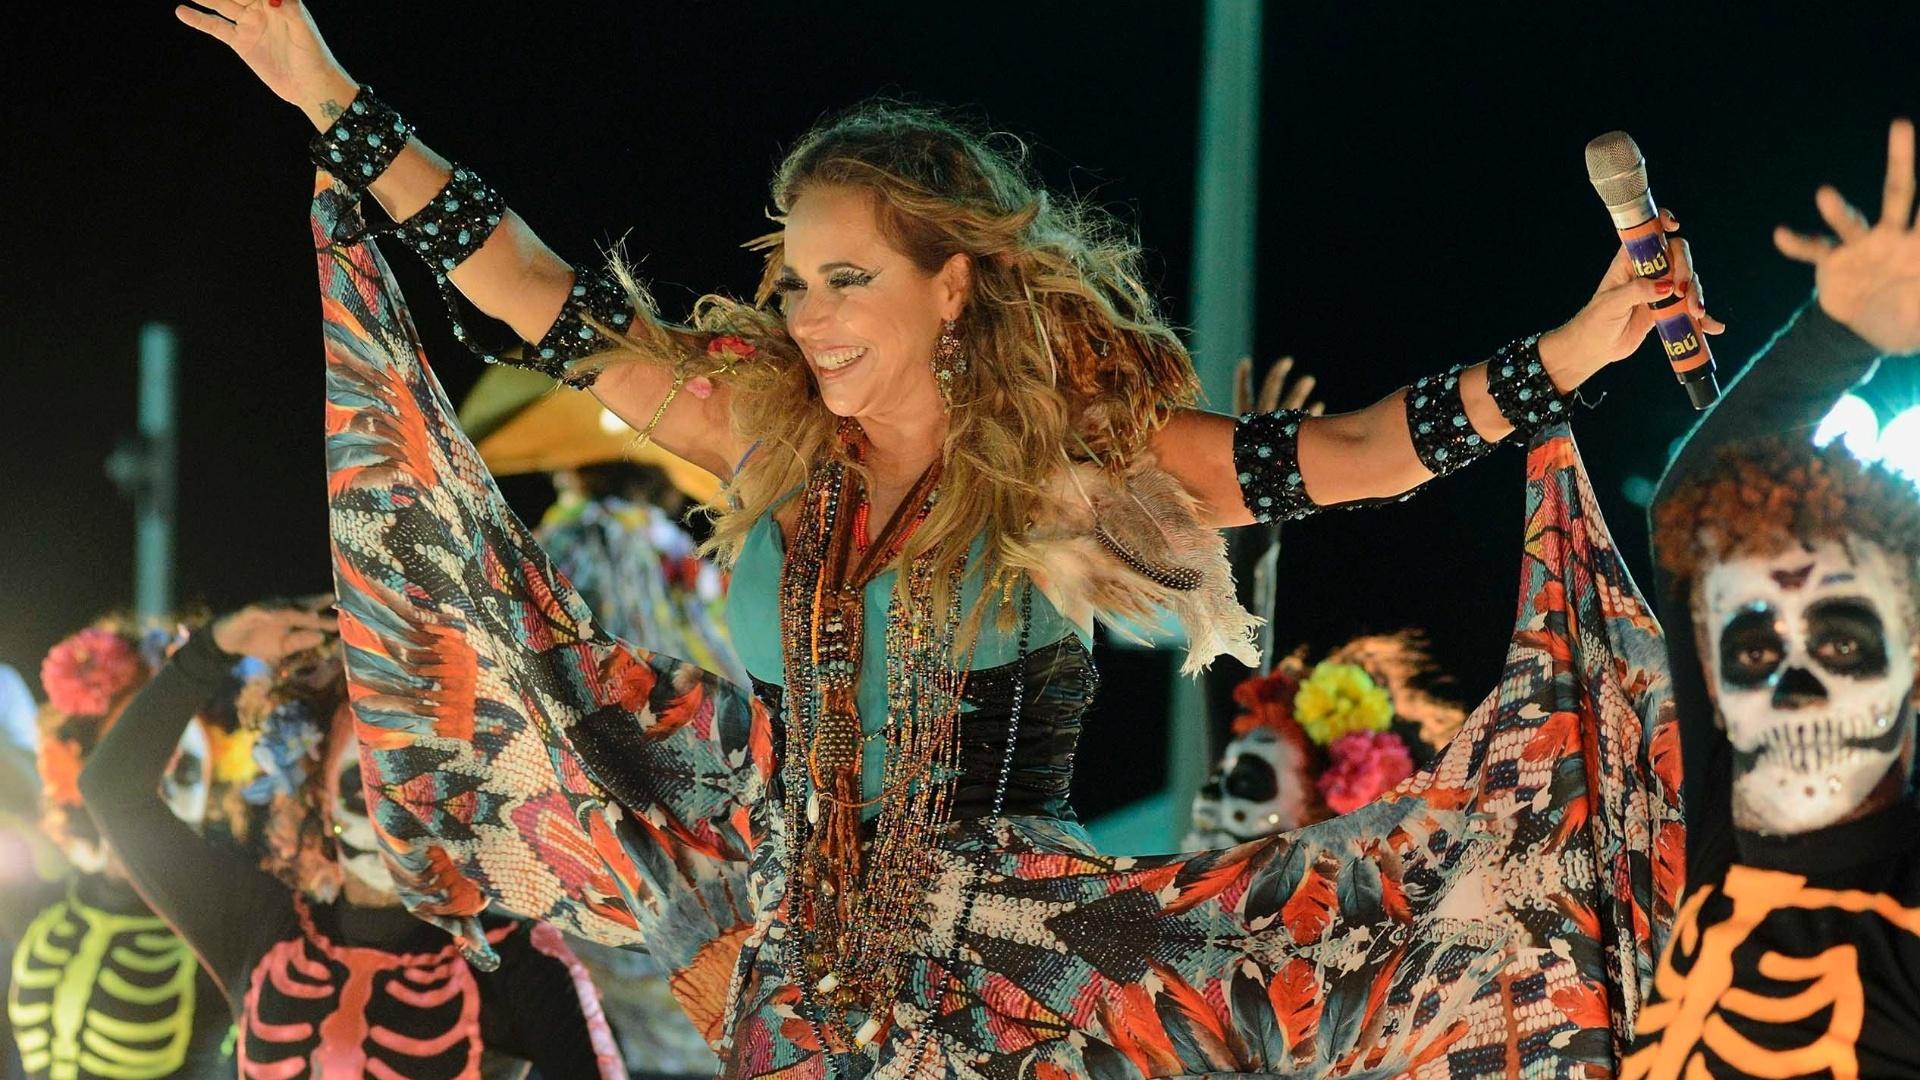 13.fev.2015 - Com fantasia colorida, Daniela Mercury se apresenta para foliões no Circuito Barra-Ondina, em Salvador